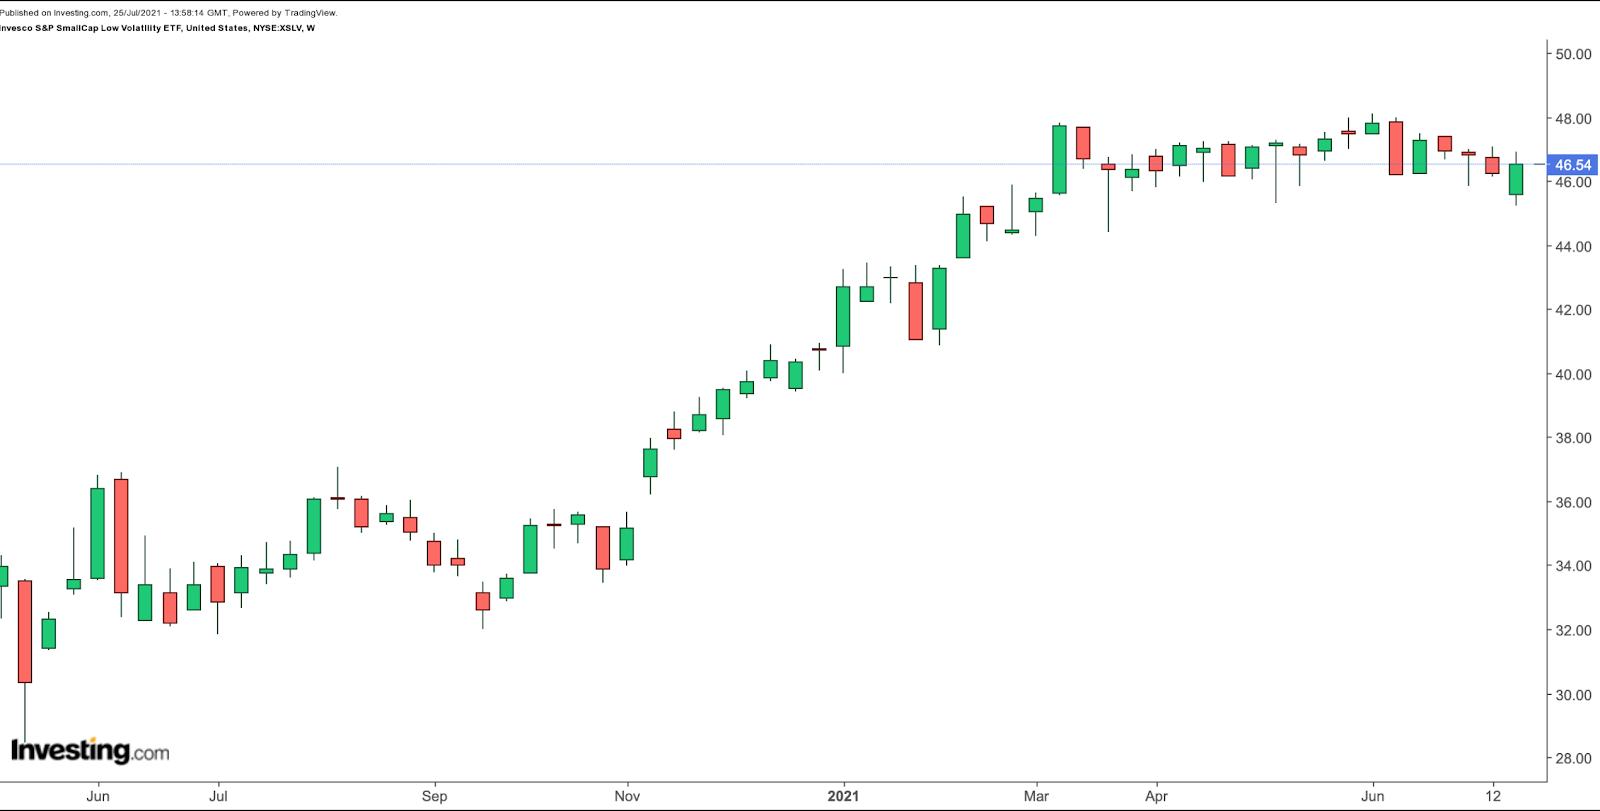 XSLV周线图来自英为财情Investing.com